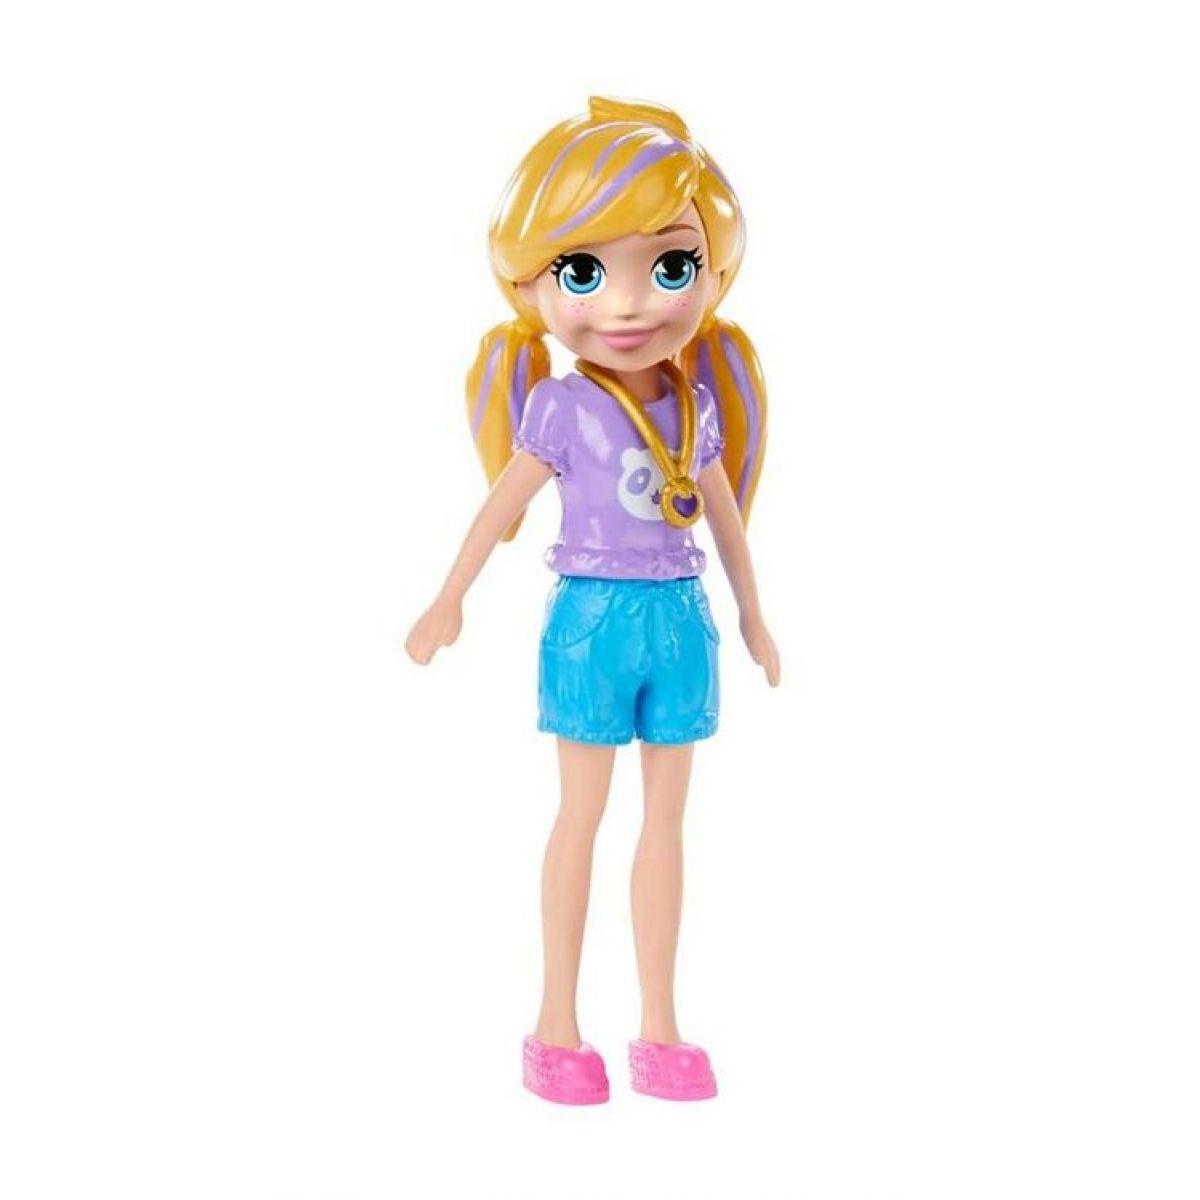 Mattel Polly Pocket štýlová bábika Polly kraťasy 23